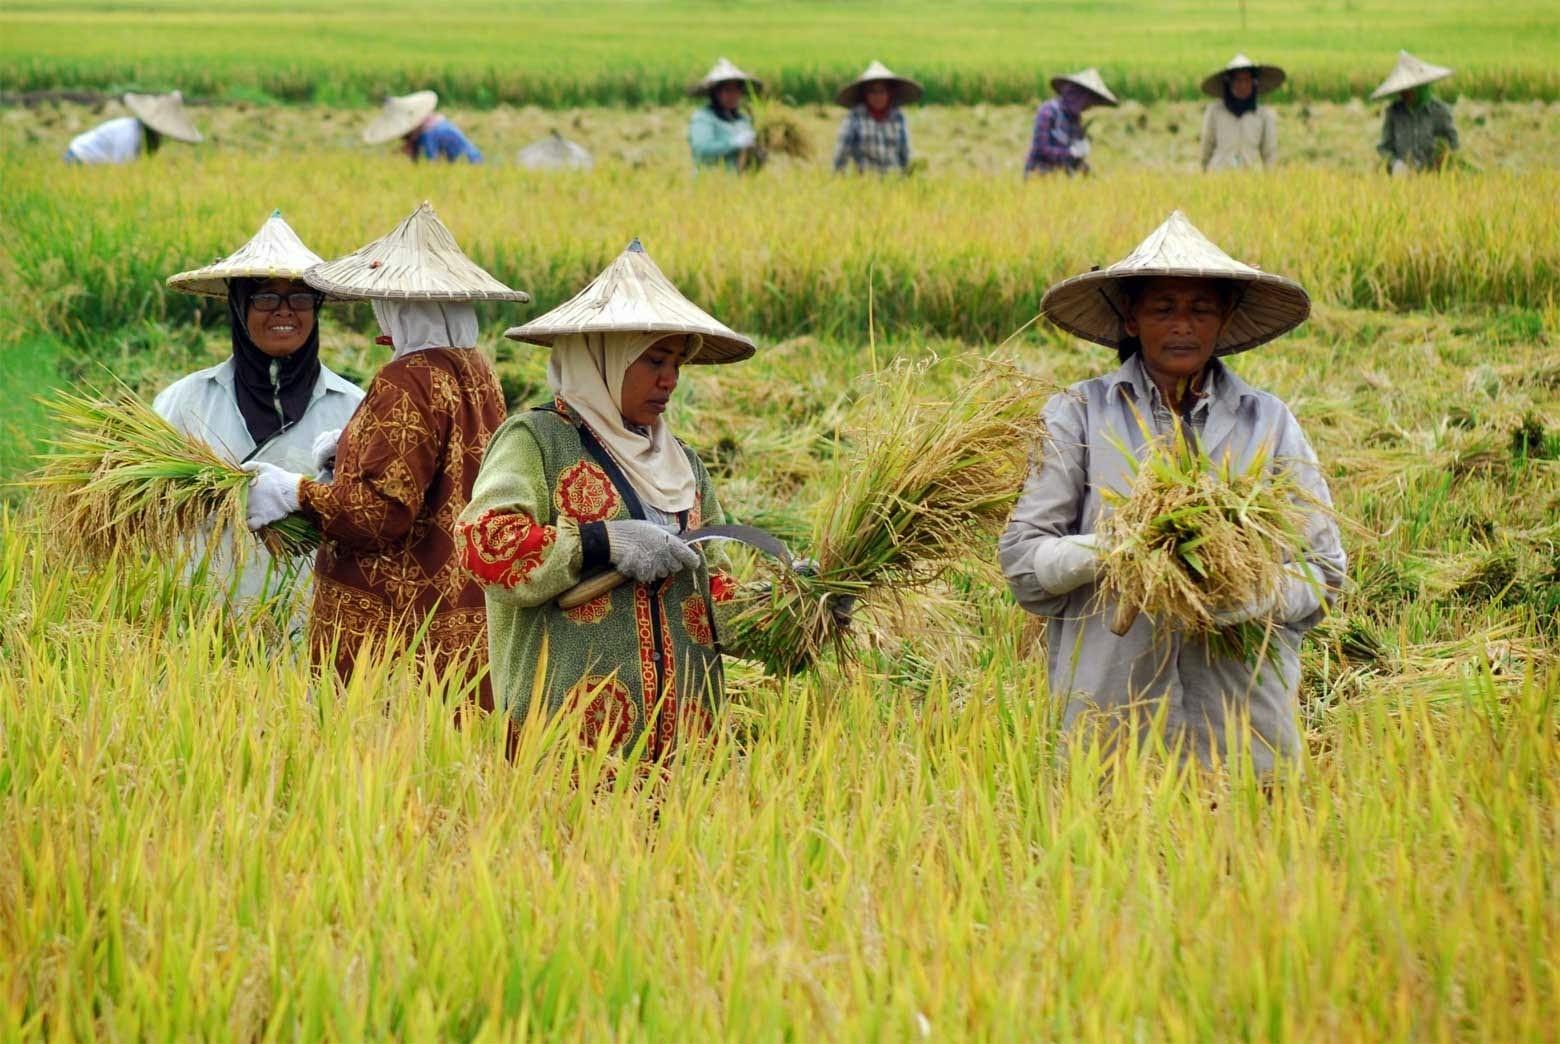 Regenerasi Petani Mandek: Adakah Yang Bercita-cita Menjadi Petani?